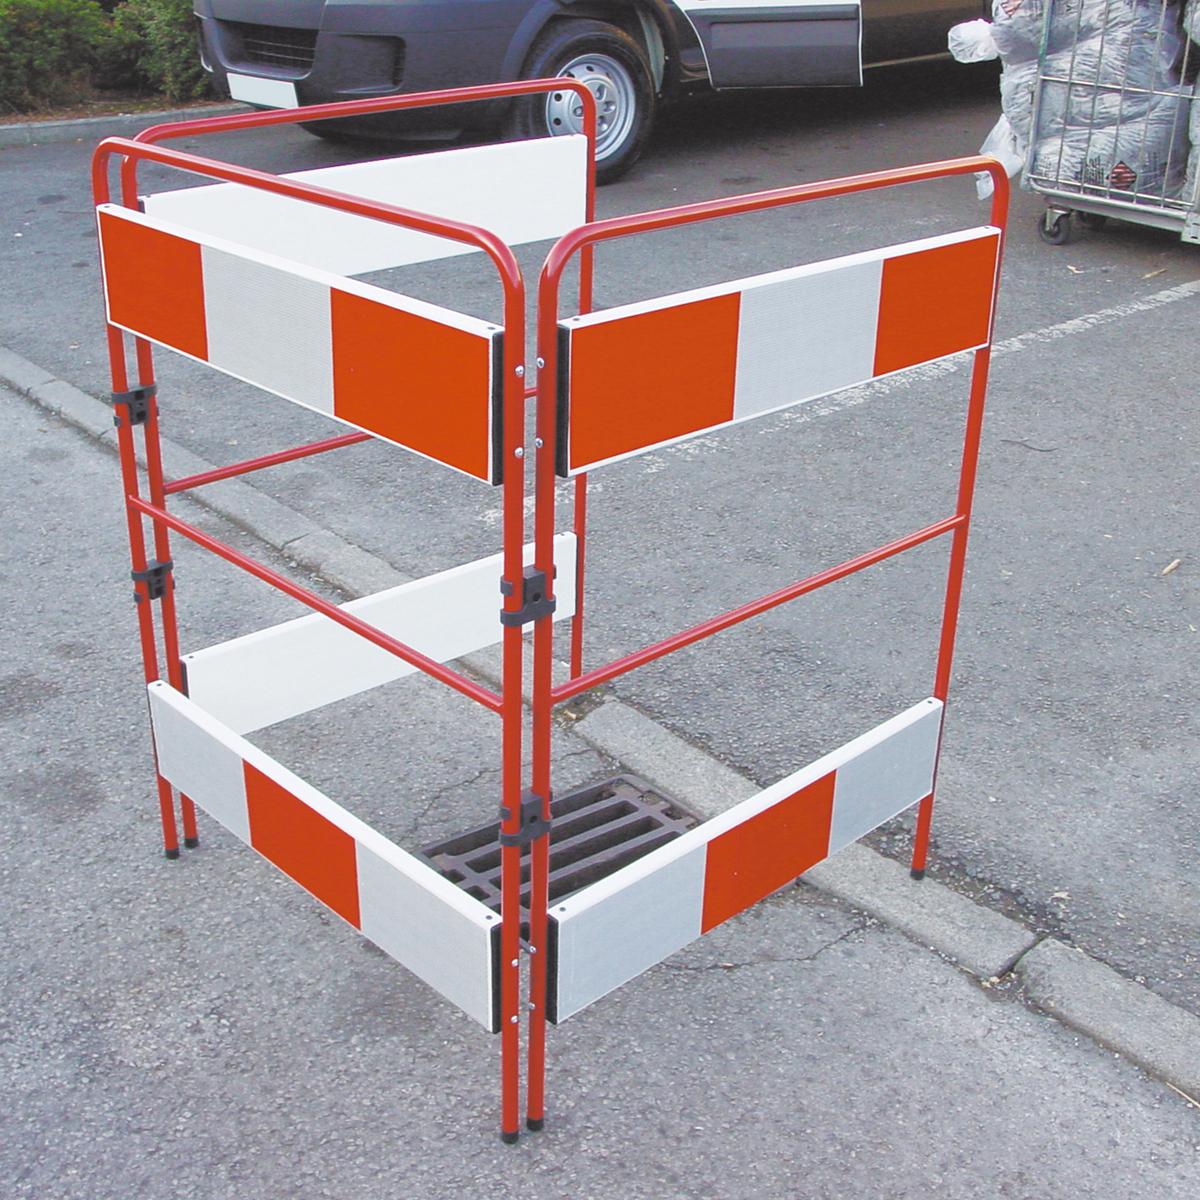 Pedestrian_safety_barrier1